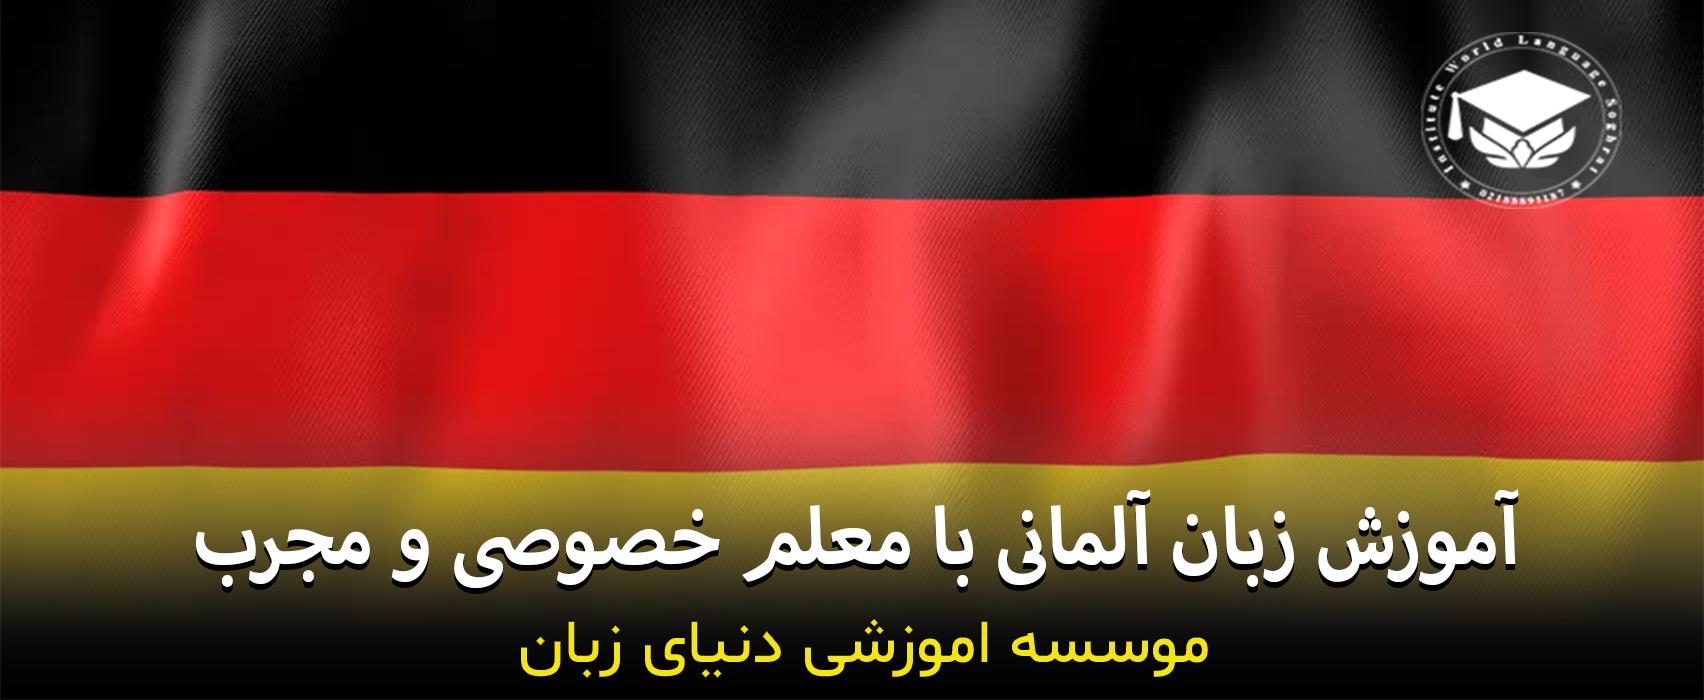 آموزش خصوصی زبان آلمانی در اقدسیه و ازگل تهران